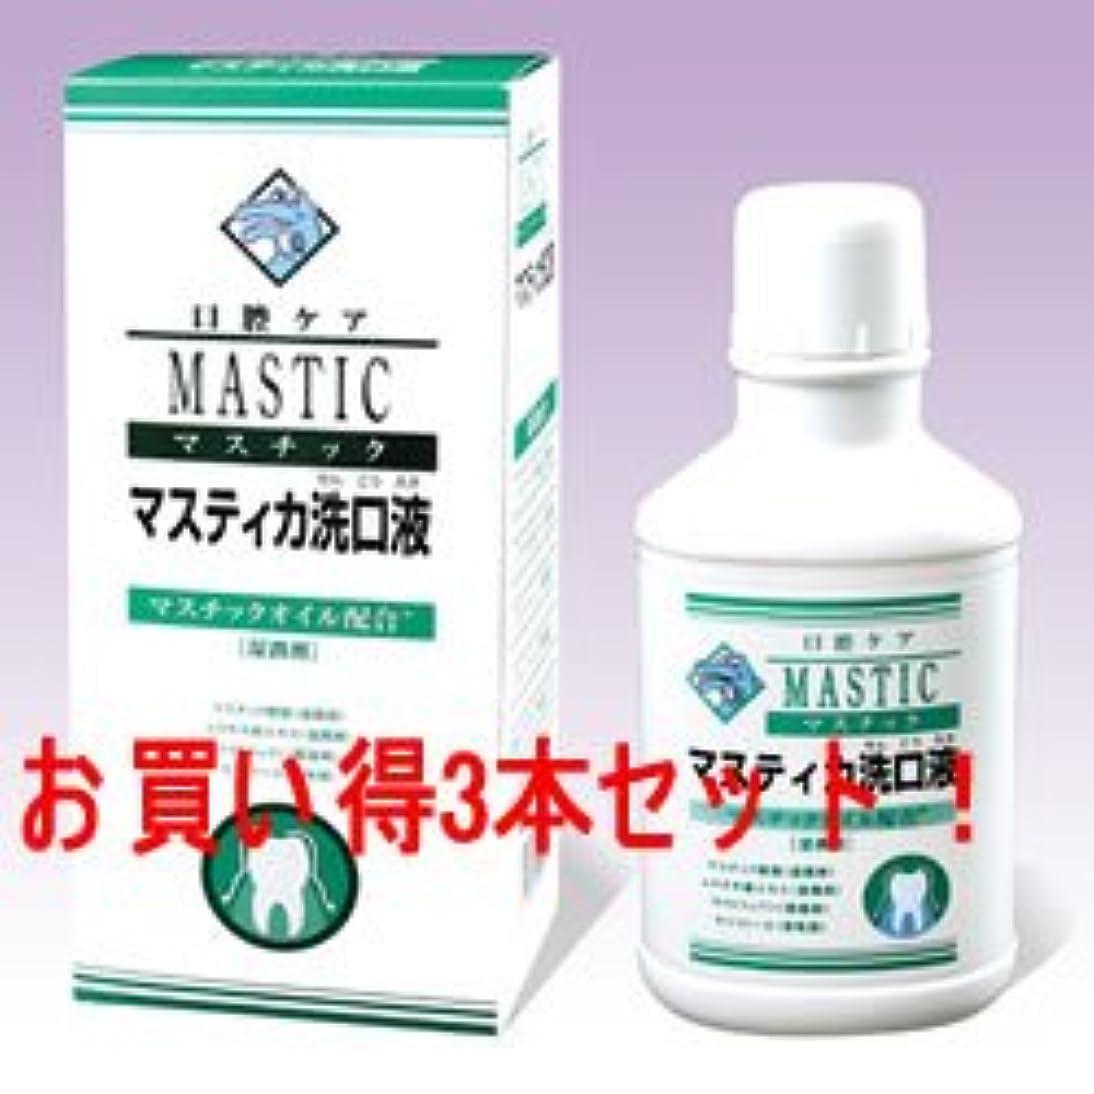 シビック野生校長マスチック マスティカ洗口液480ml(3本セット)